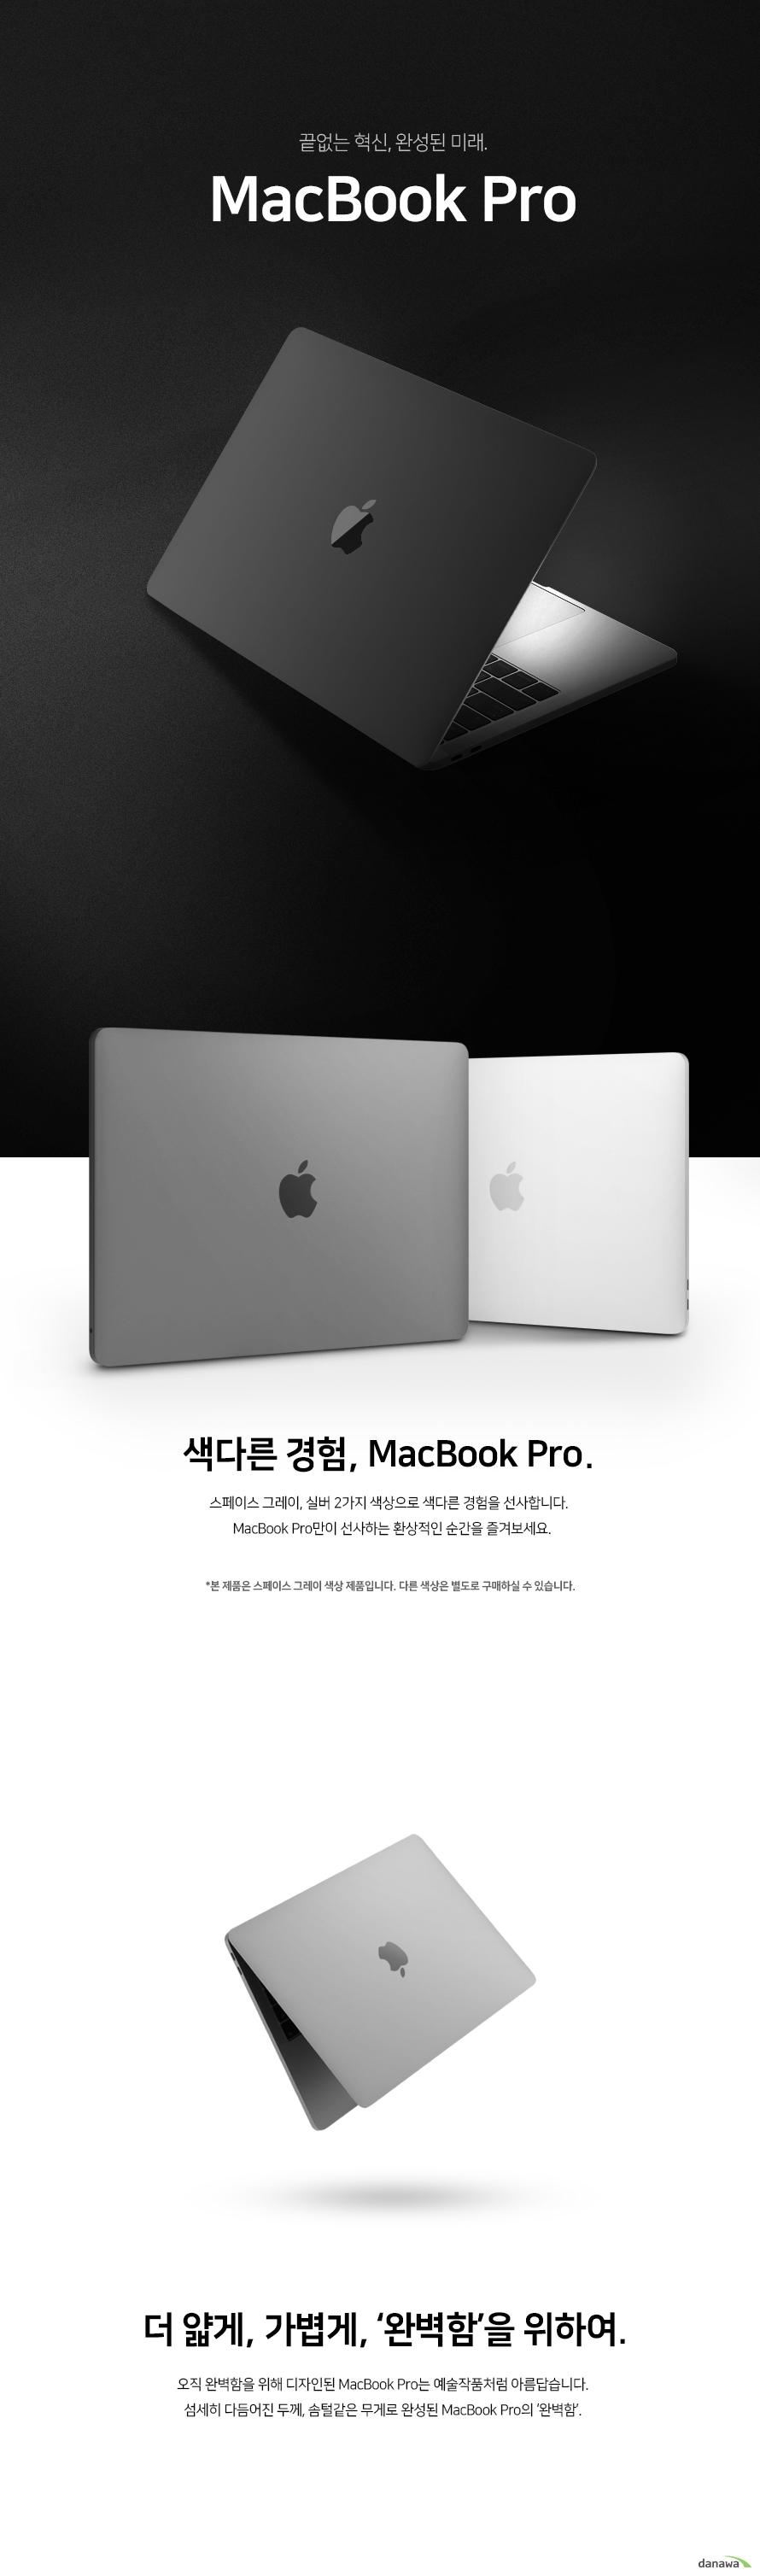 끝없는 혁신 완성된 미래 맥북 프로   색다른 경험 맥북 프로  스페이스 그레이와 실버 2가지 색상으로 색다른 경험을 선사합니다. 맥북 프로만이 선사하는 환상적인 순간을 즐겨보세요.  본 제품은 스페이스 그레이 색상 제품입니다. 다른 색상은 별도로 구매하실 수 있습니다.    더 얇게 가볍게, 완벽함을 위하여.     오직 완벽함을 위해 디자인된 맥북 프로는 예술작품처럼 아름답습니다. 섬세히 다듬어진 두께, 솜털같은 무게로 완성된 맥북 프로의 완벽함.